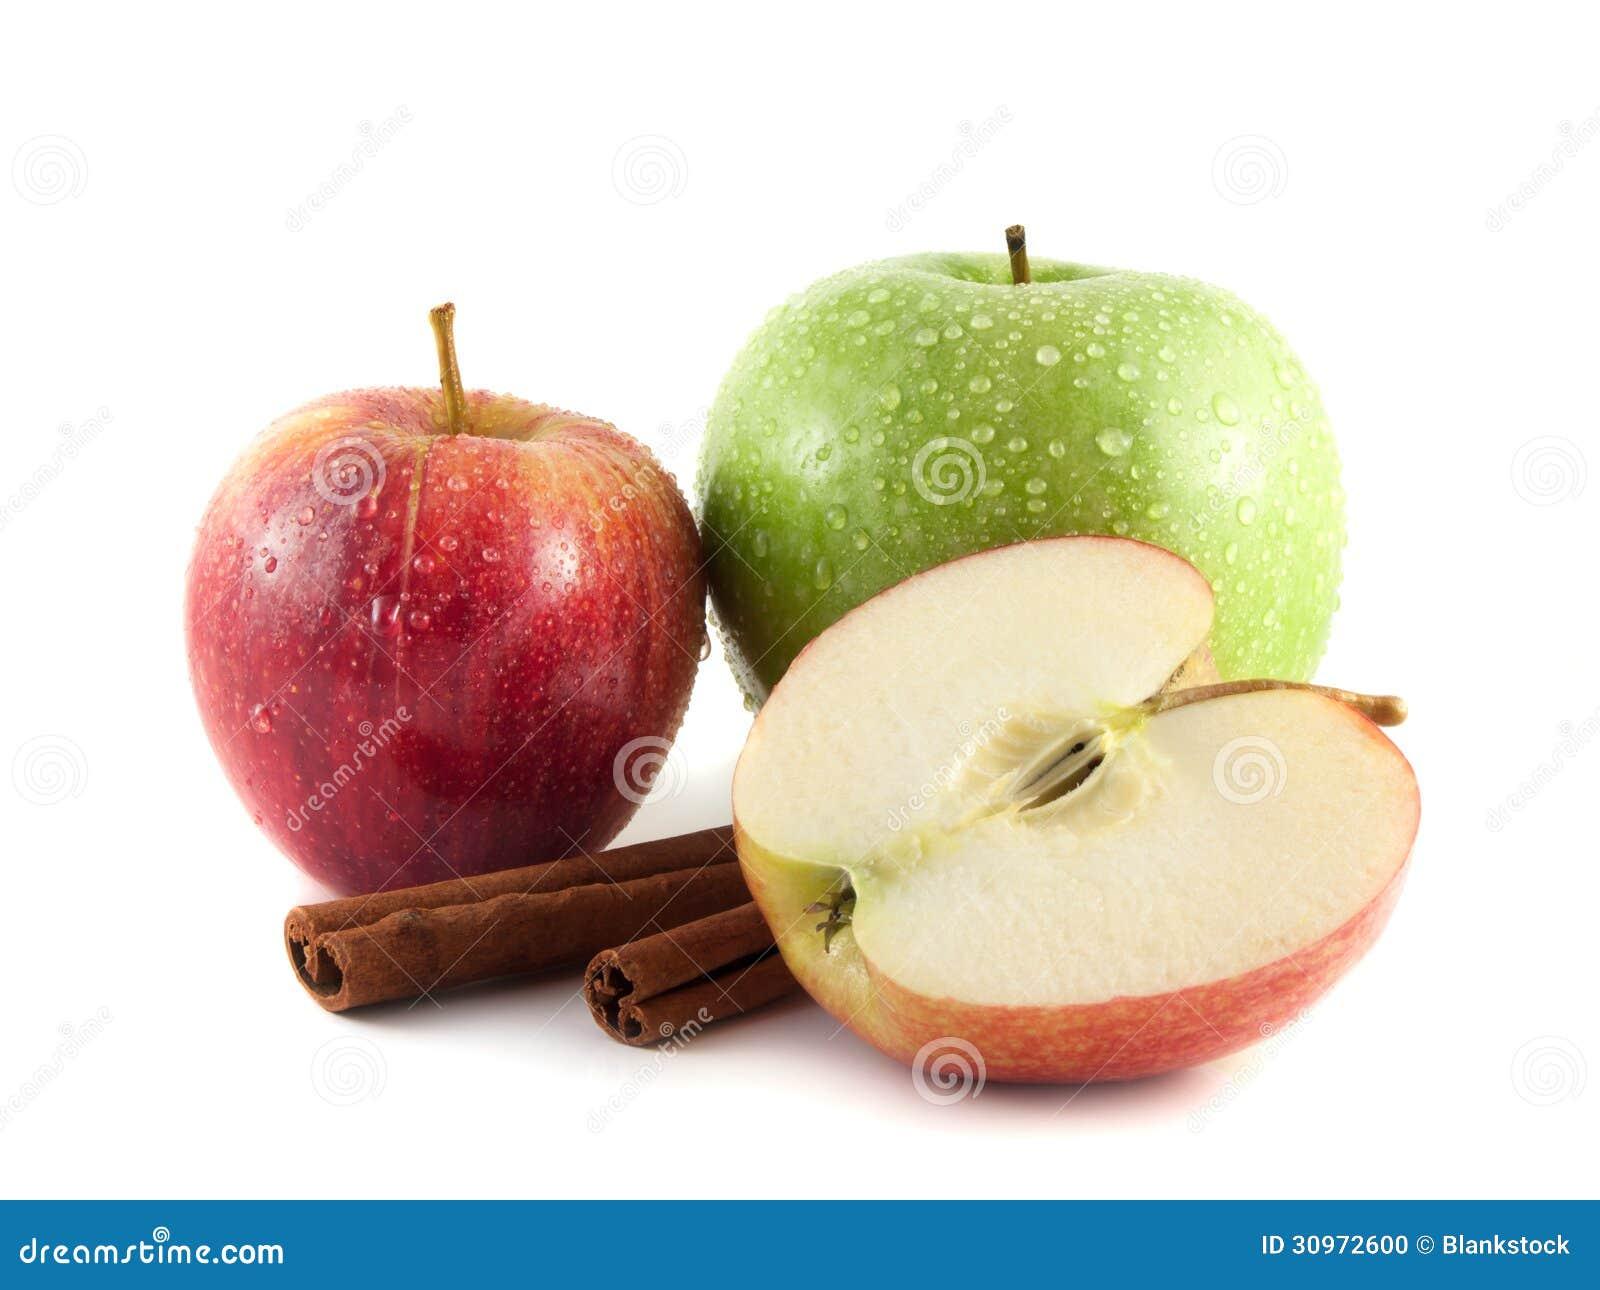 how to break apple in half